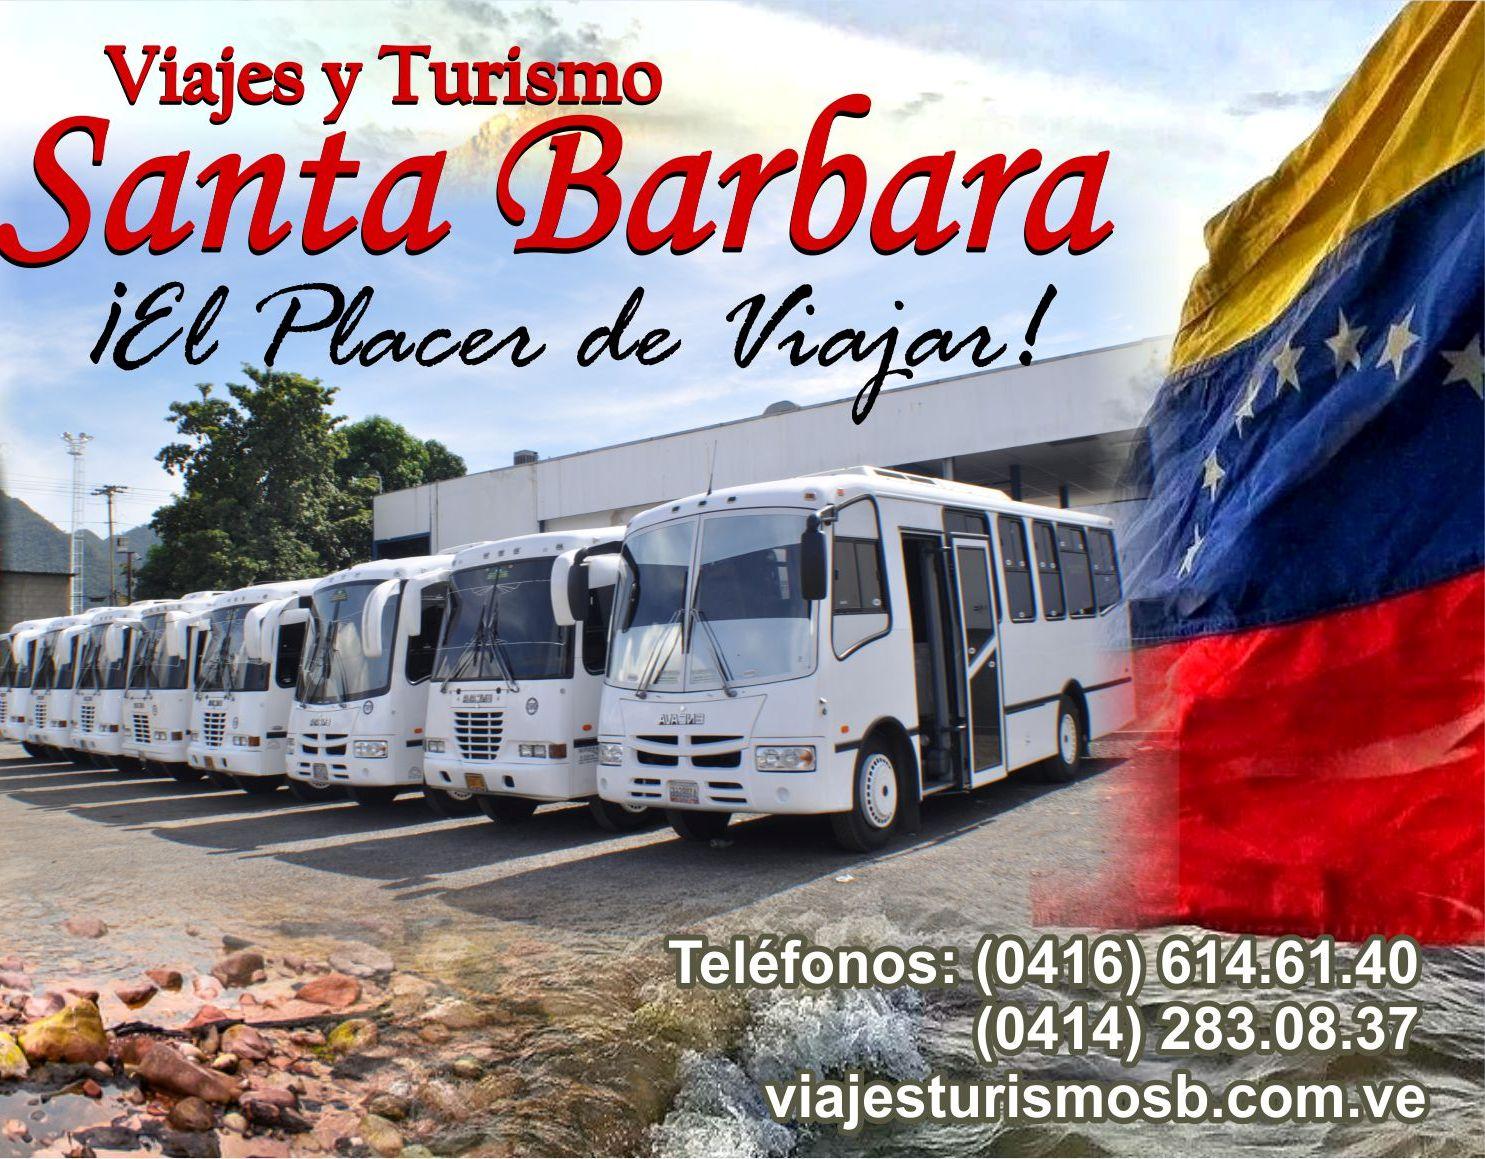 Recorrer toda Venezuela con paisajes exuberantes, con: